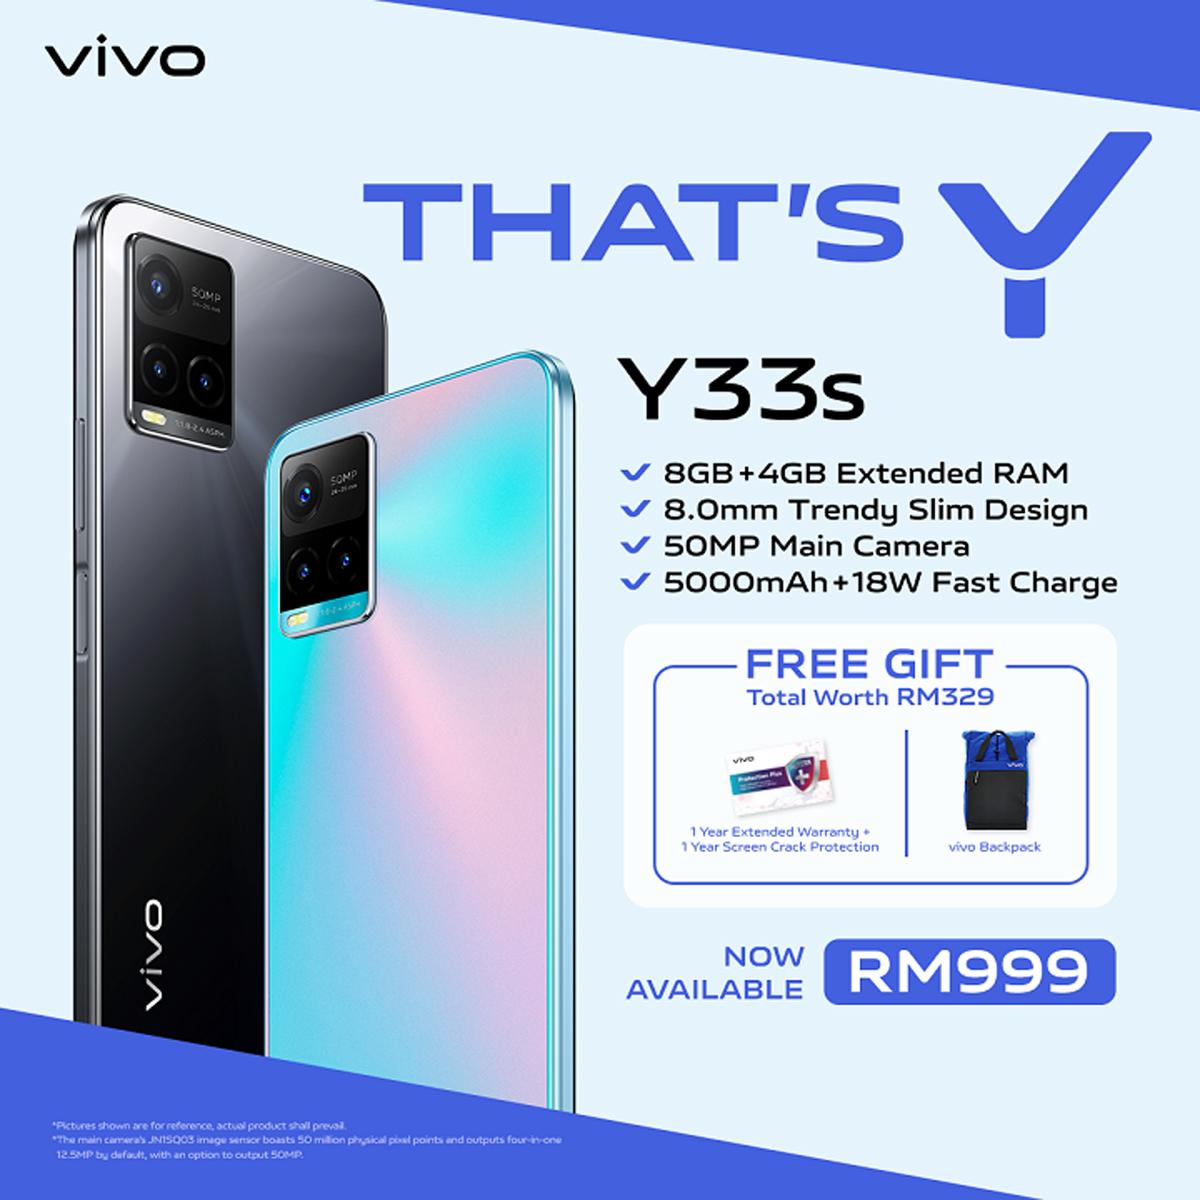 Vivo Malaysia Y33s smartphone pre-order